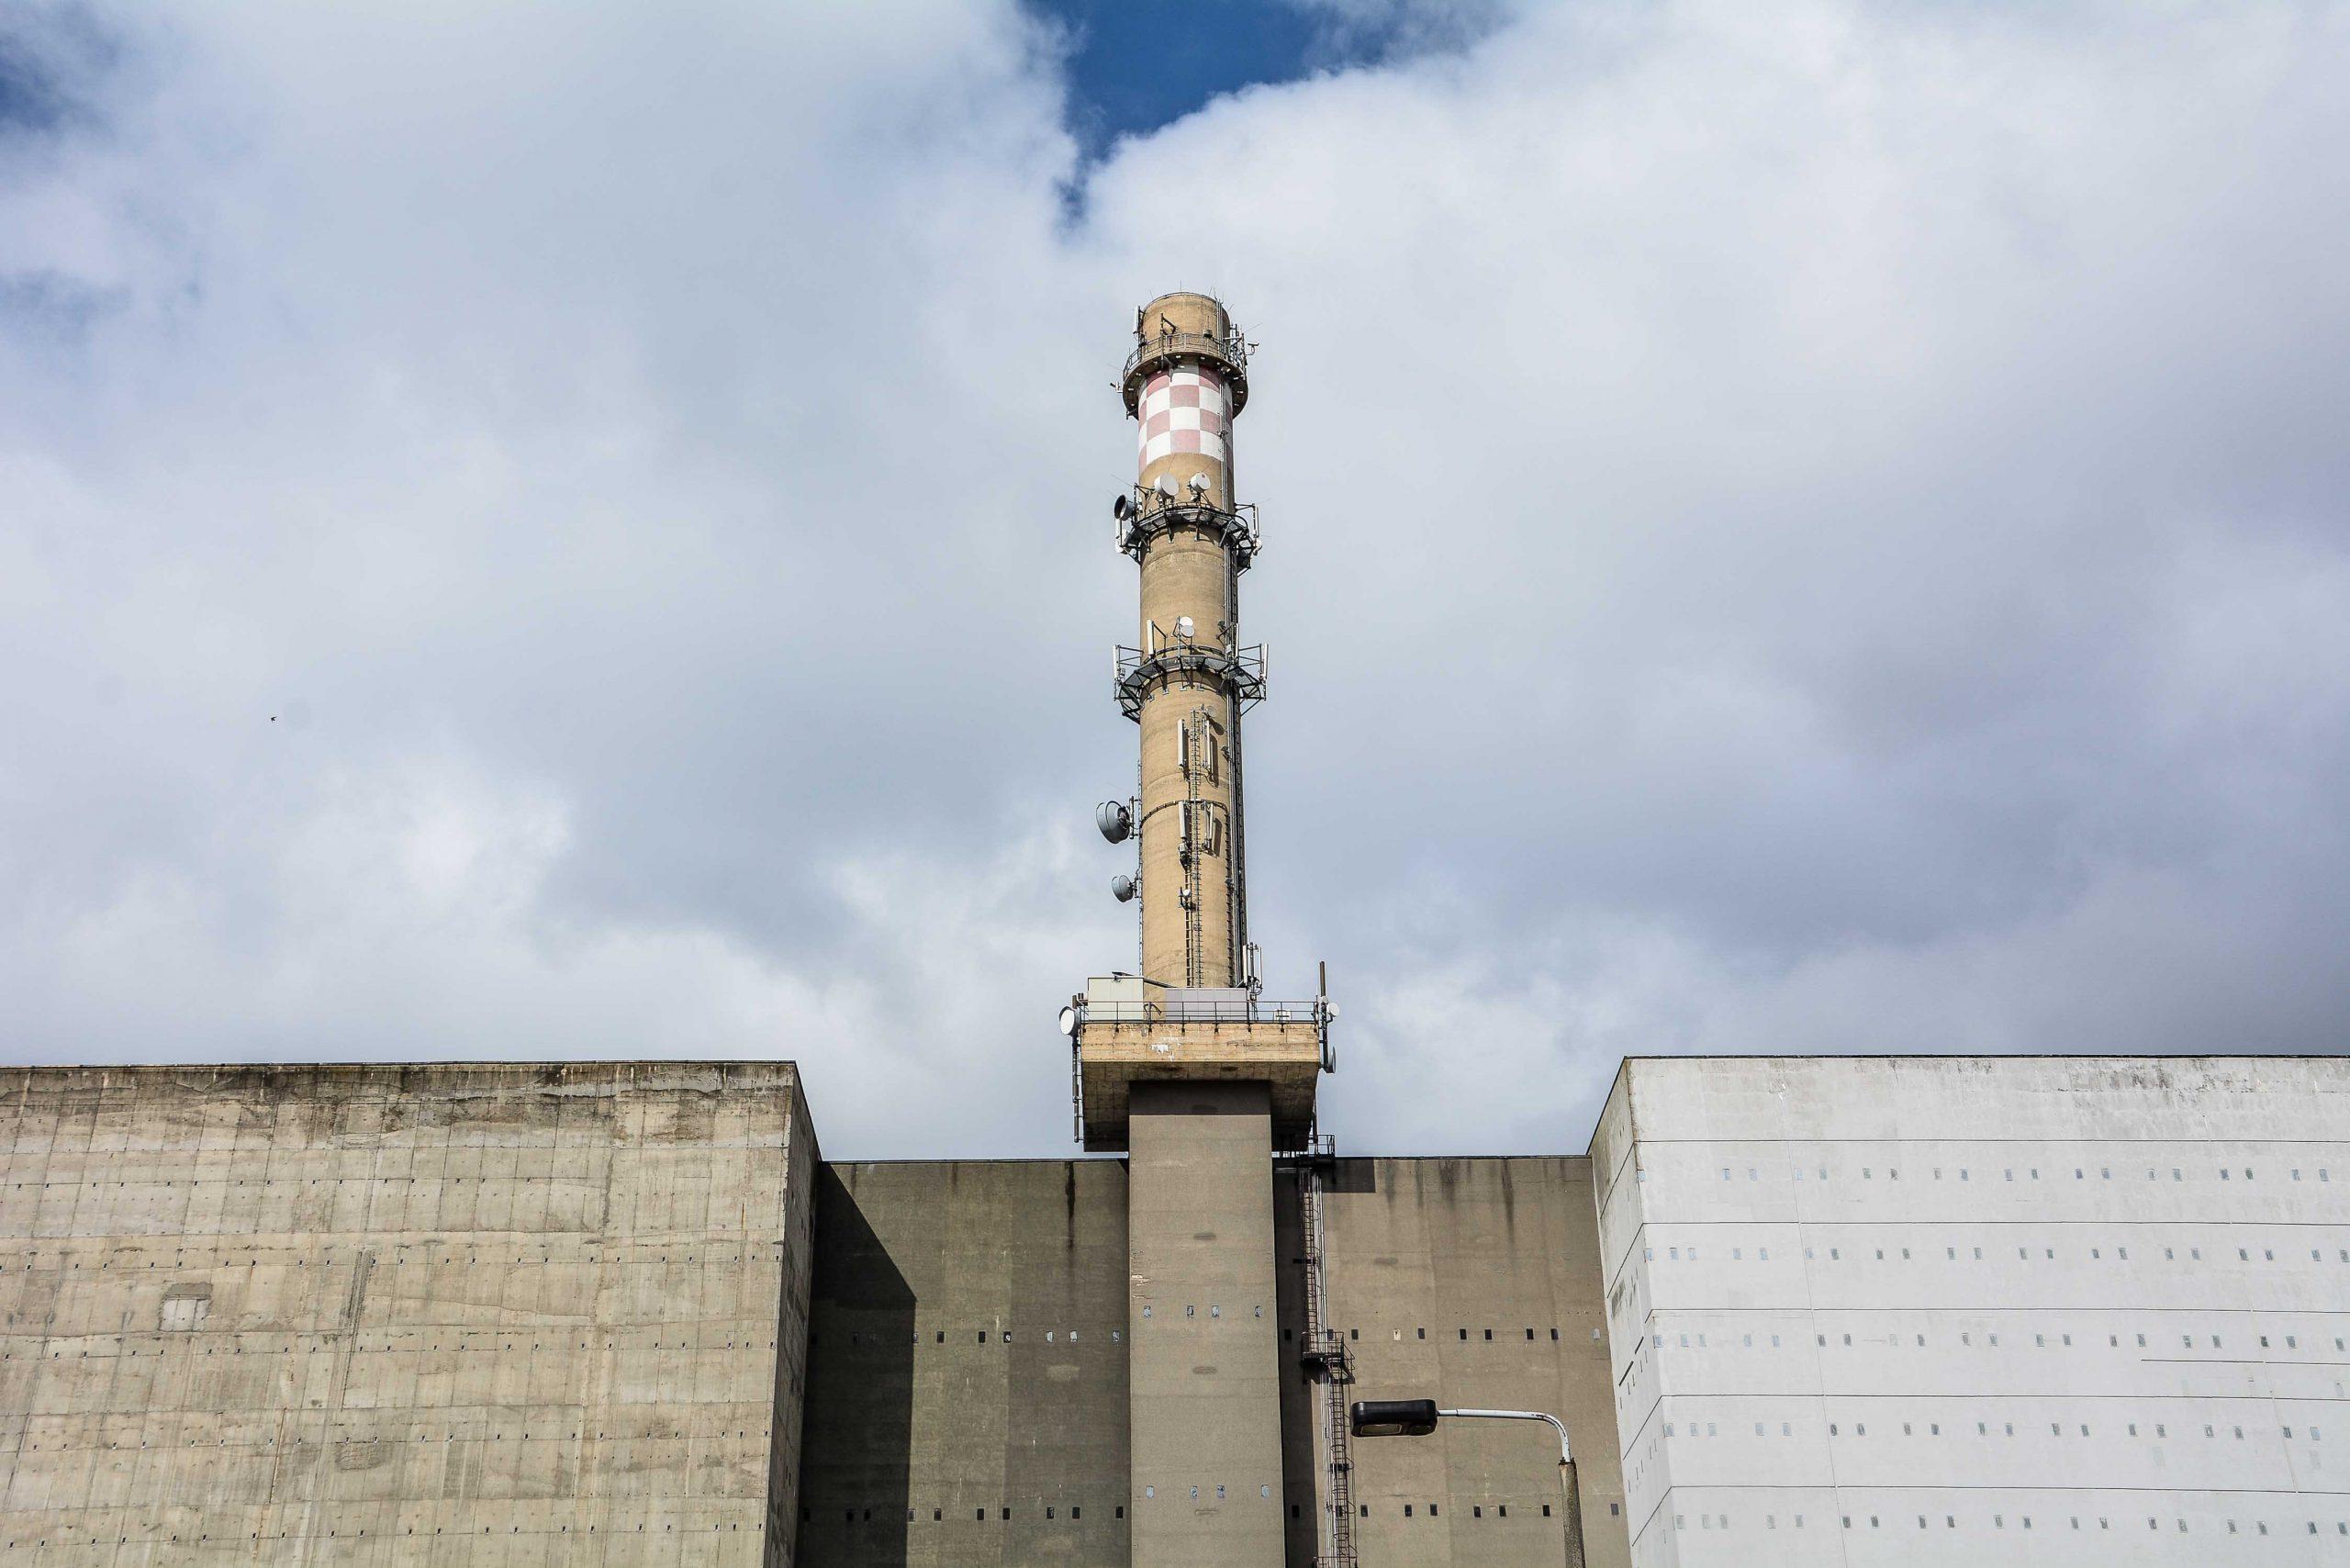 schornstein reaktor kernkraftwerk greifswald nuclear powerplant ost deutschland east germany gdr DDR mecklenburg vorpommern